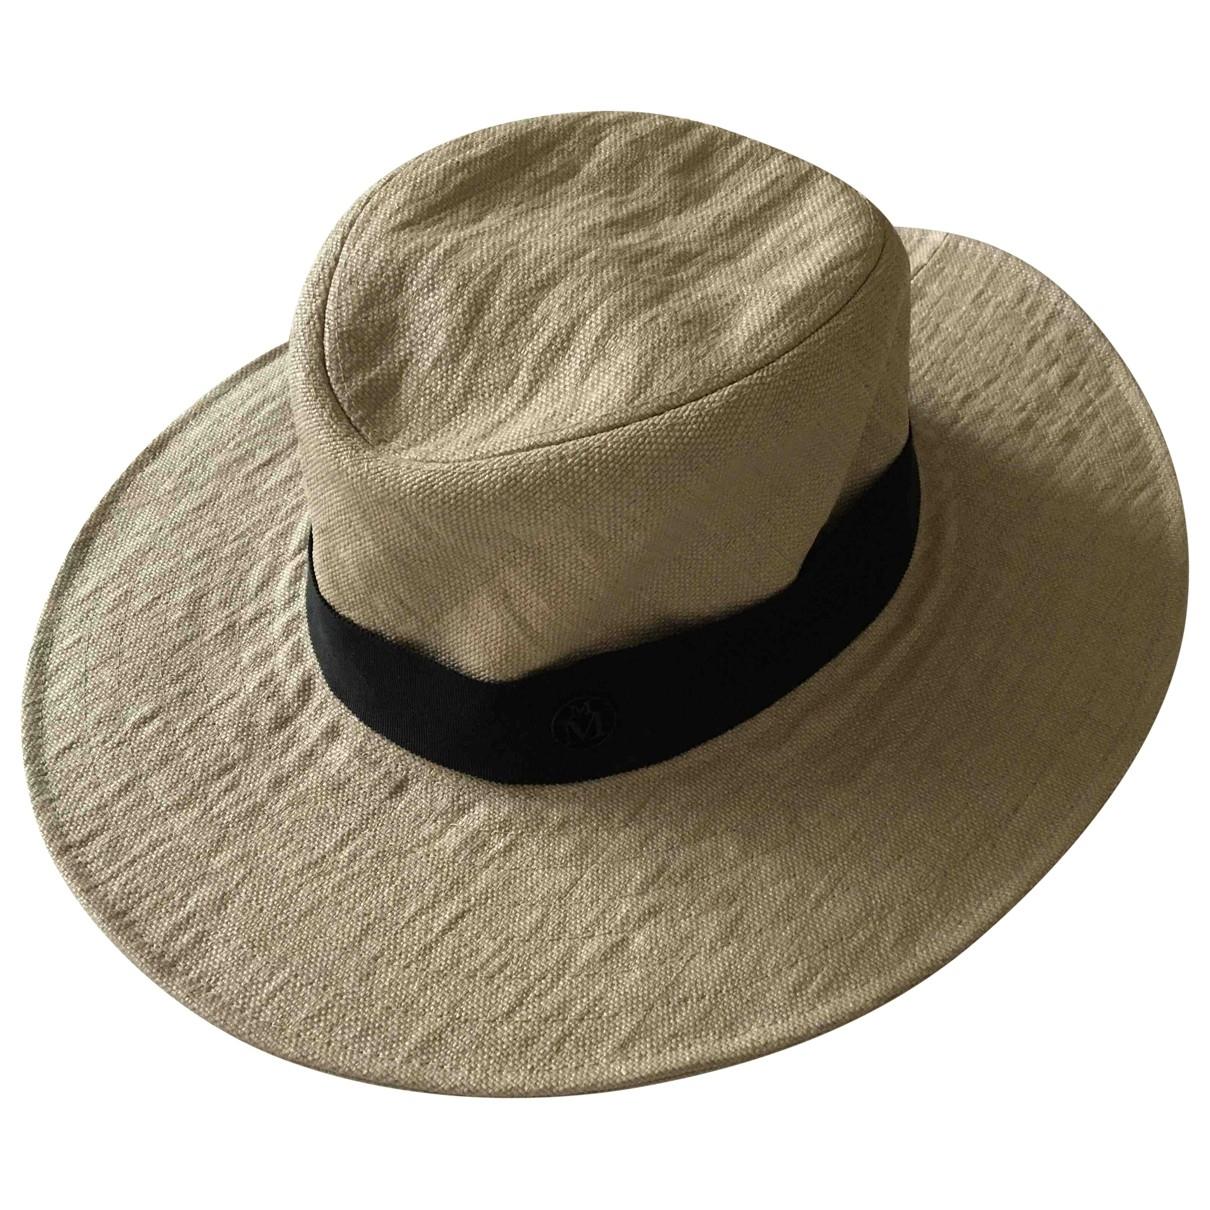 Maison Michel \N Beige Wool hat for Women M International